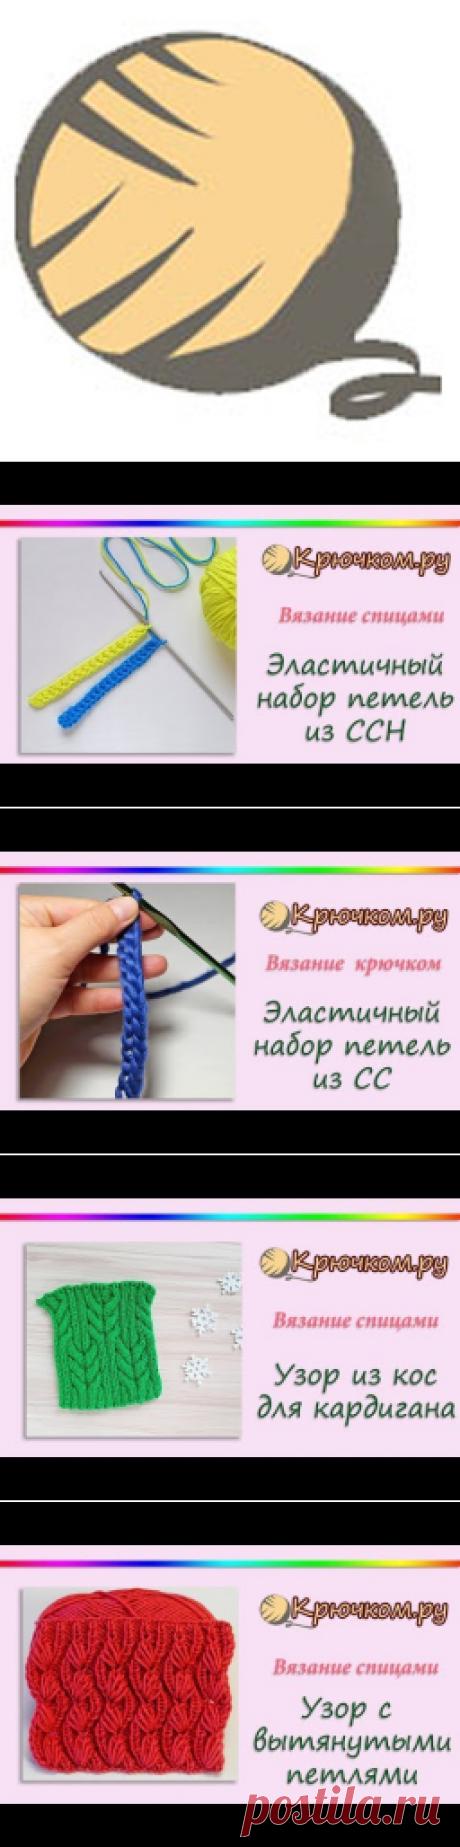 Вязание крючком и спицами | Крючком.ру  | Простые схемы. Экономим время на Постиле